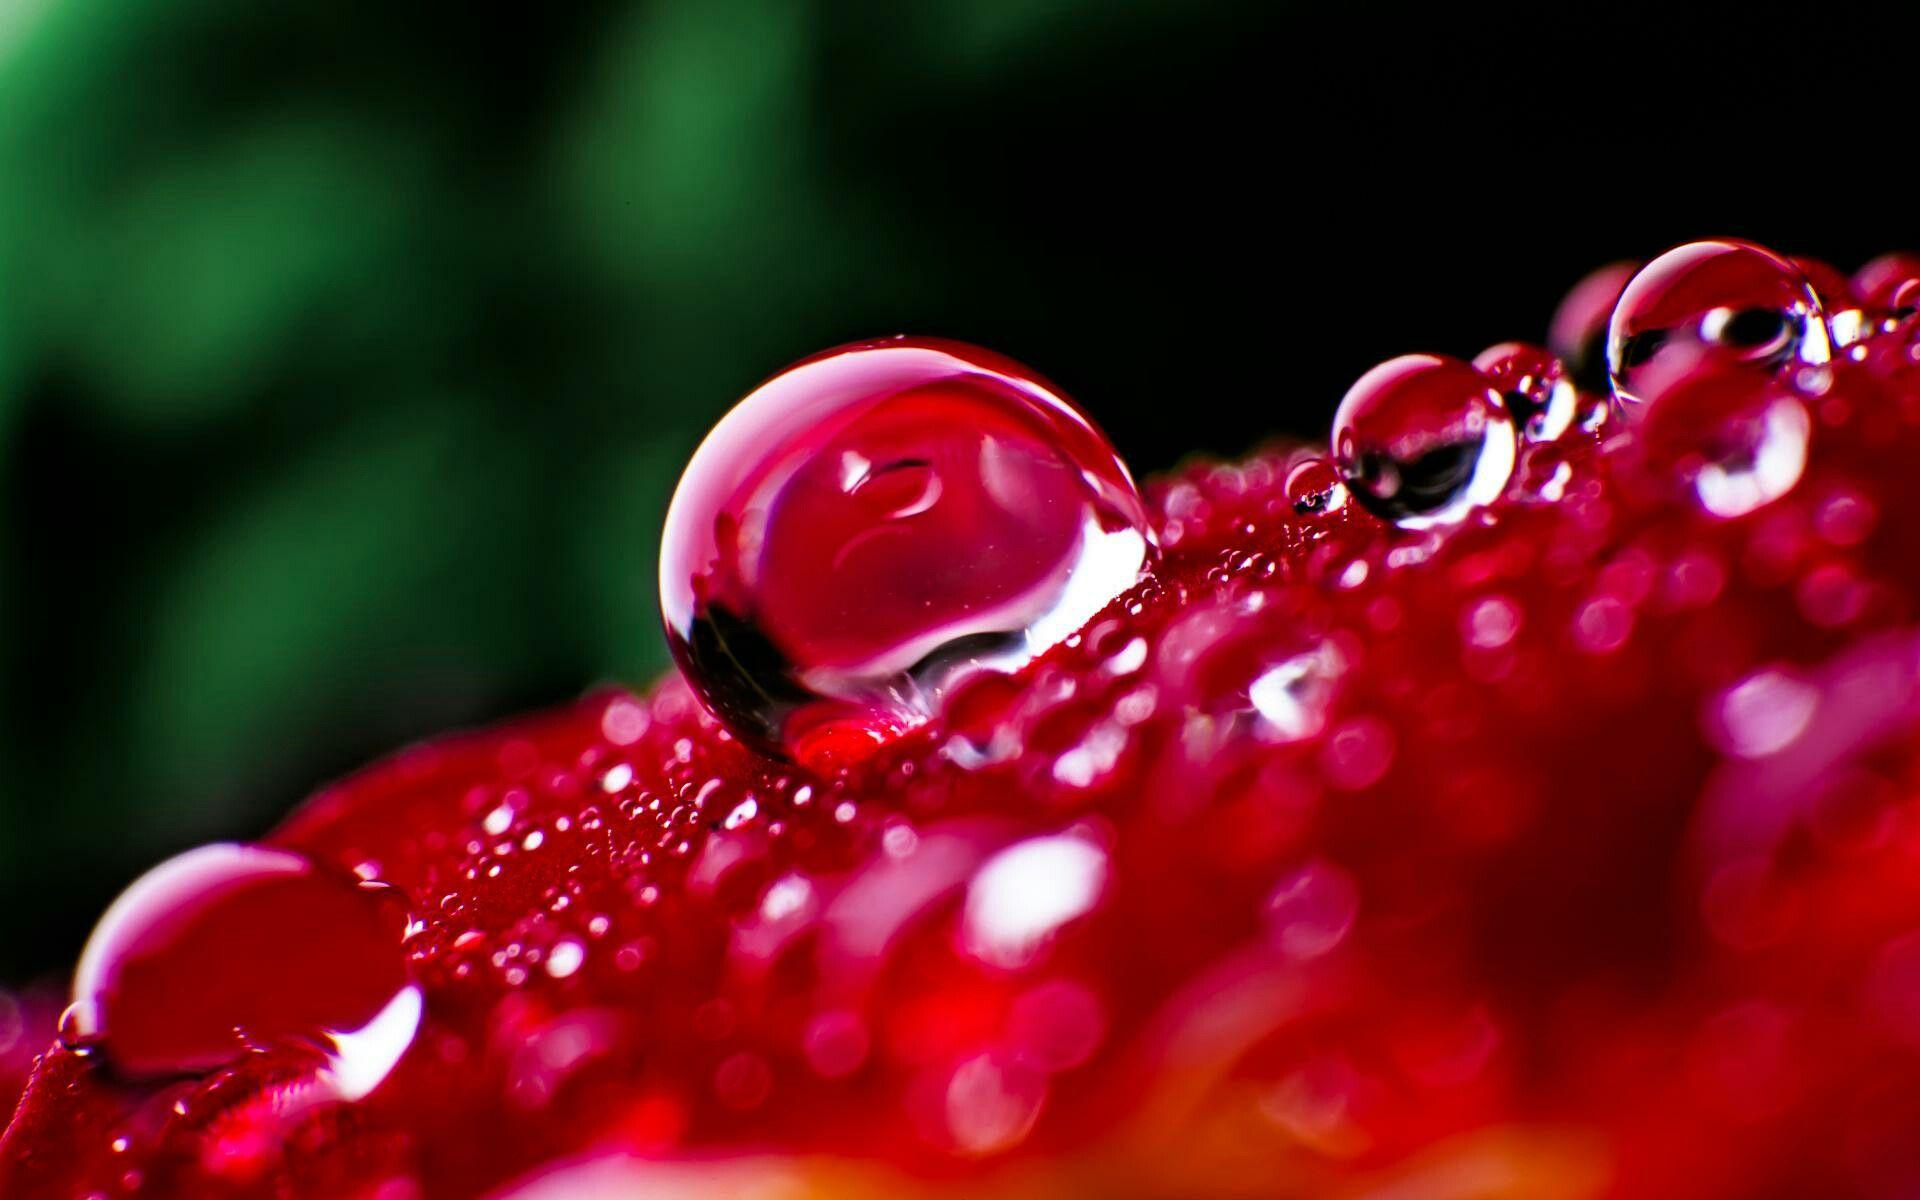 Red Rose Water Drops Macro HD Desktop Wallpaper for K Ultra